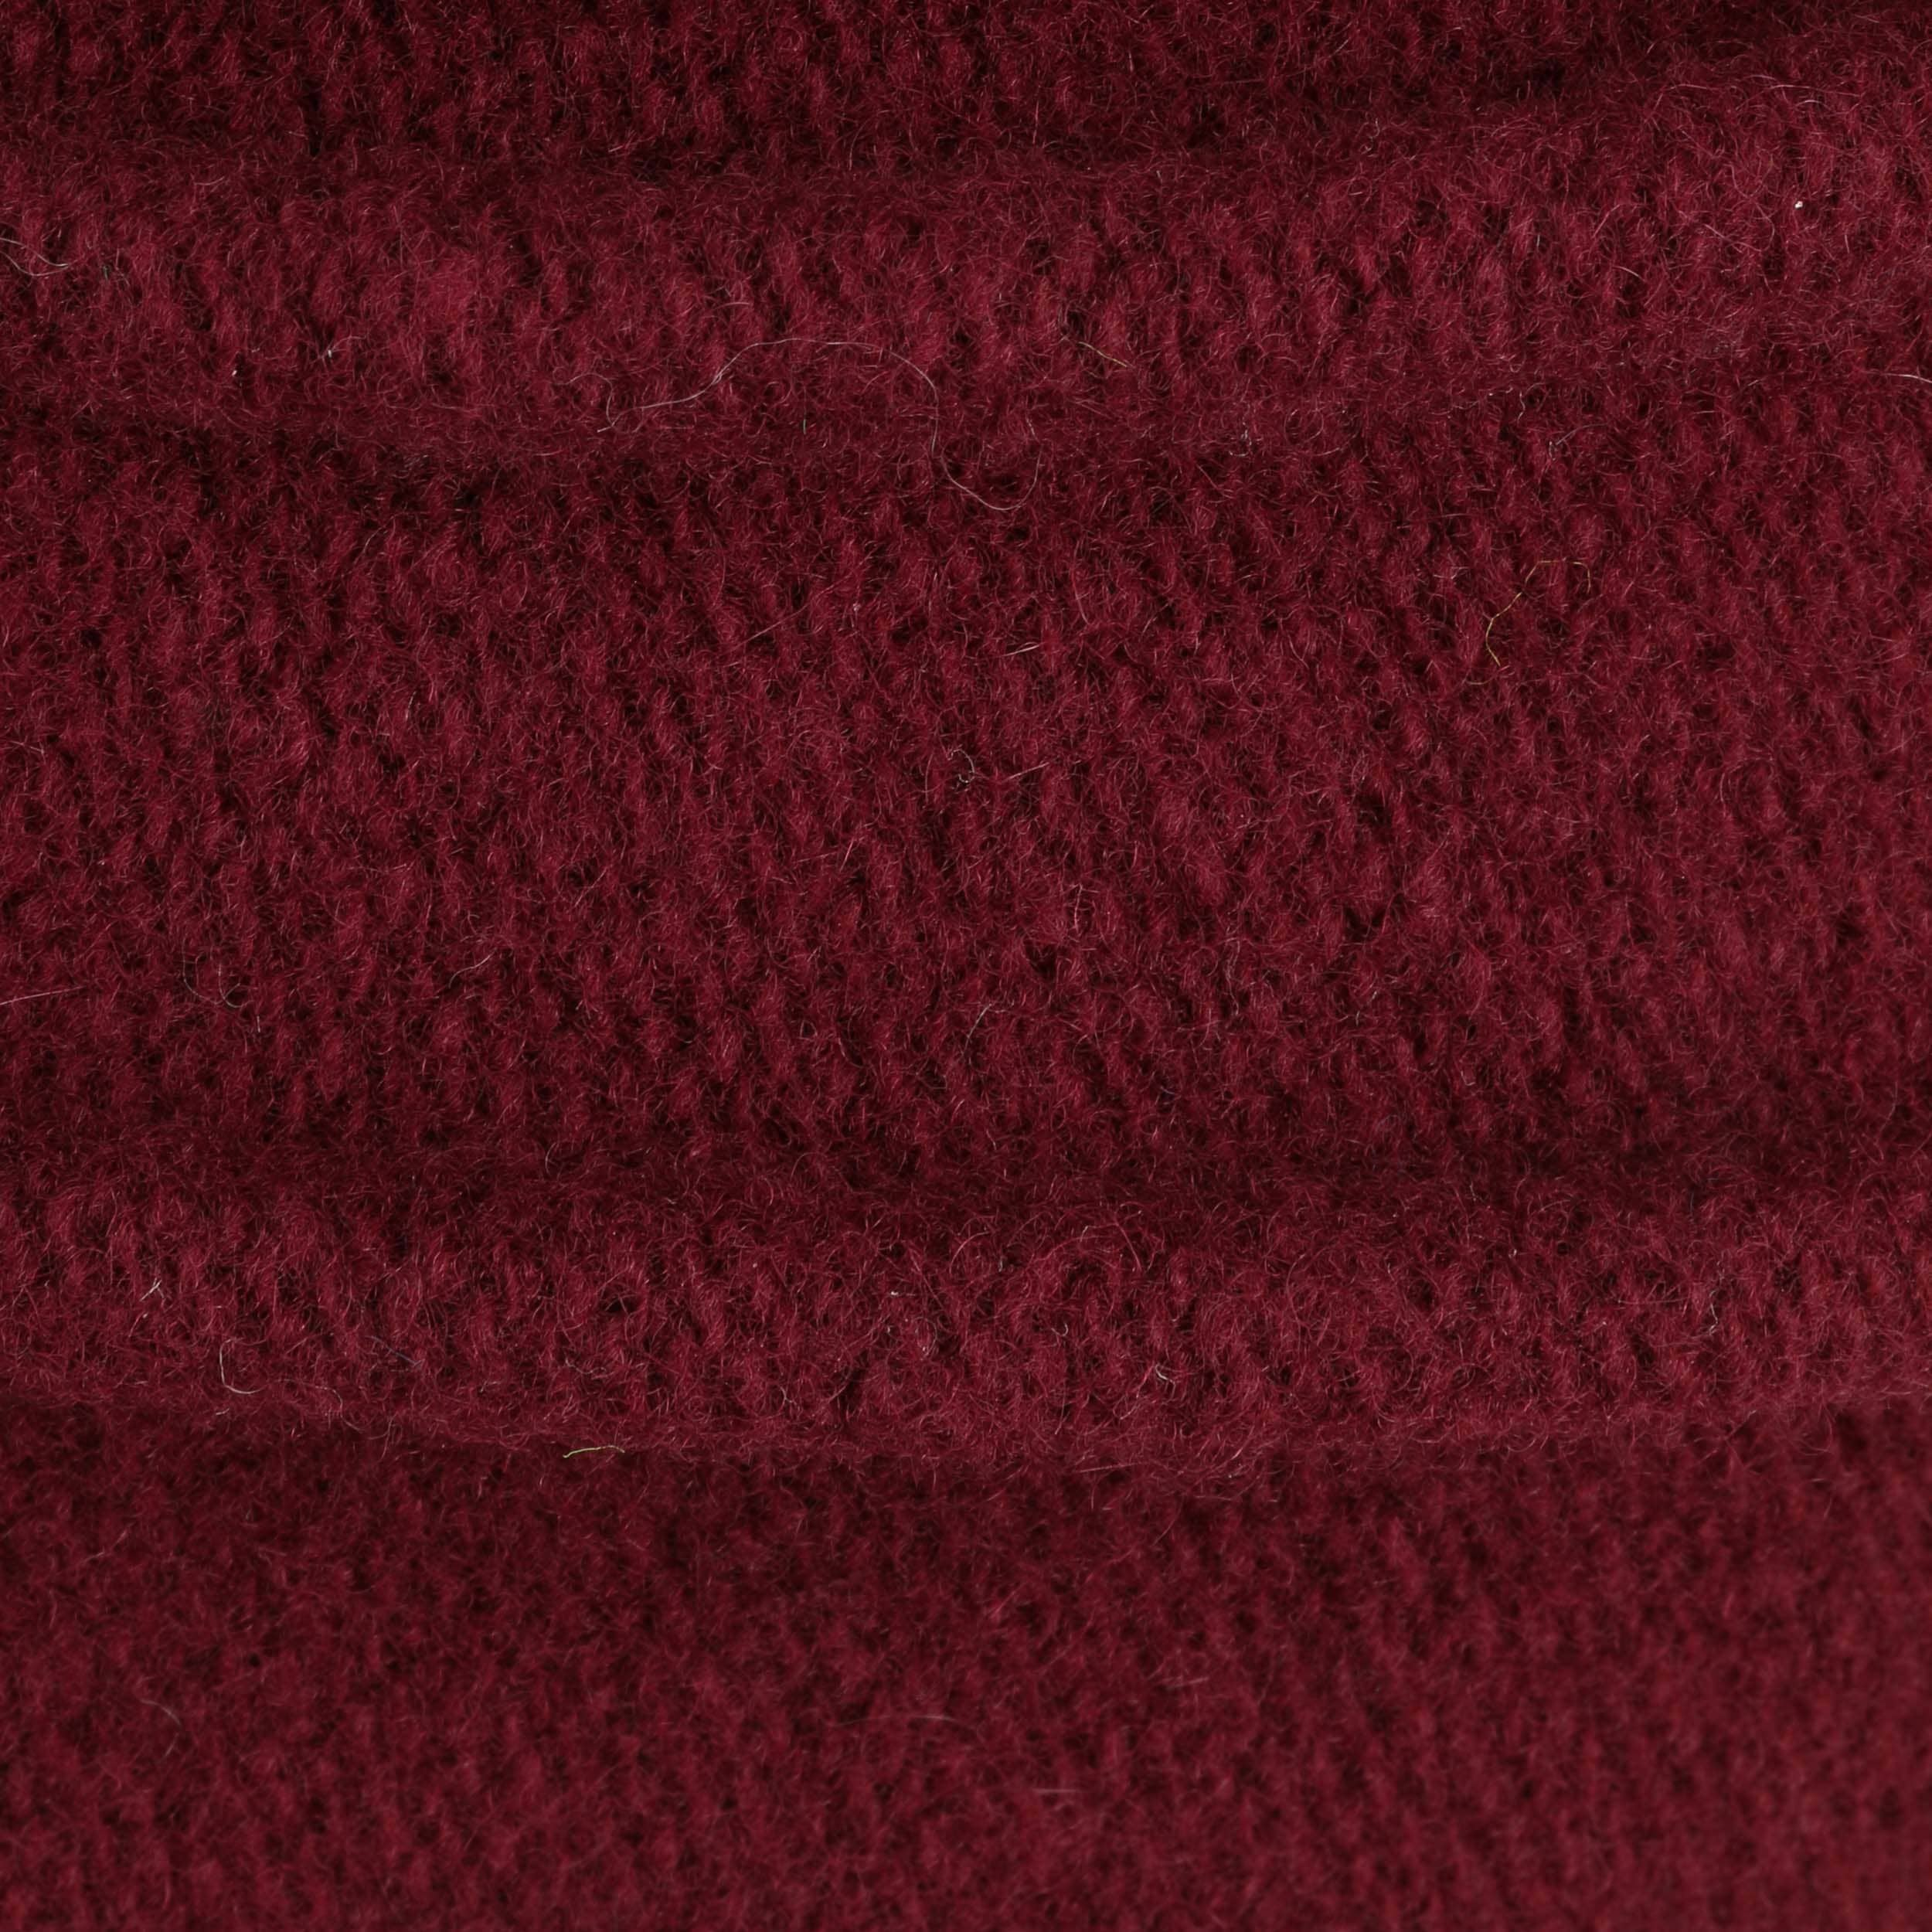 ... Berretto in Lana Follata Slouchy by McBURN - rosso bordeaux 4 ... 03e0ca8139f6